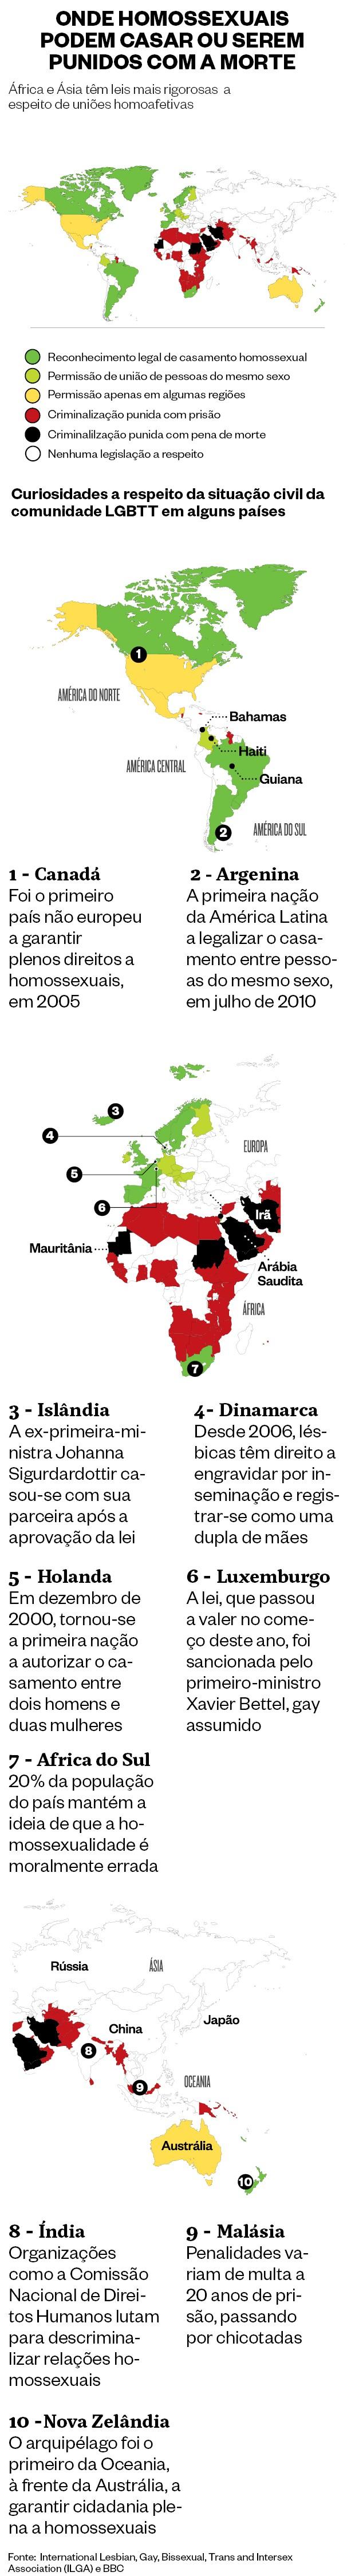 Onde os homossexuais podem casar - e onde podem ser punidos com a morte (Foto: época )